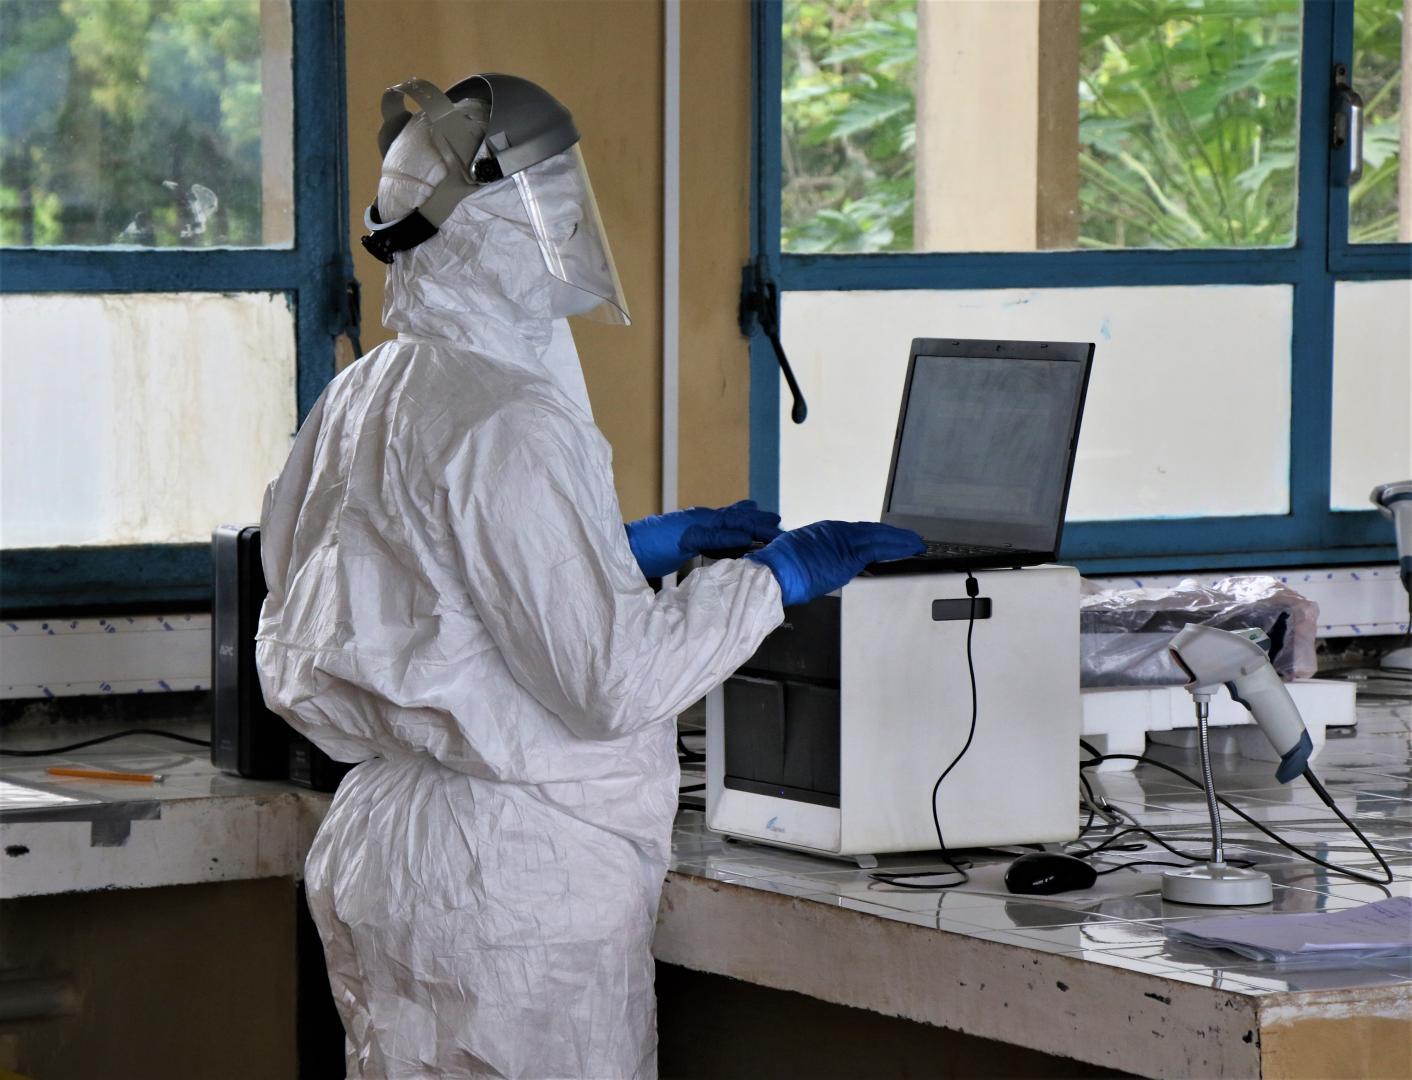 Comment les tests effectués au niveau local ont accéléré la réponse à la nouvelle épidémie d'Ebola